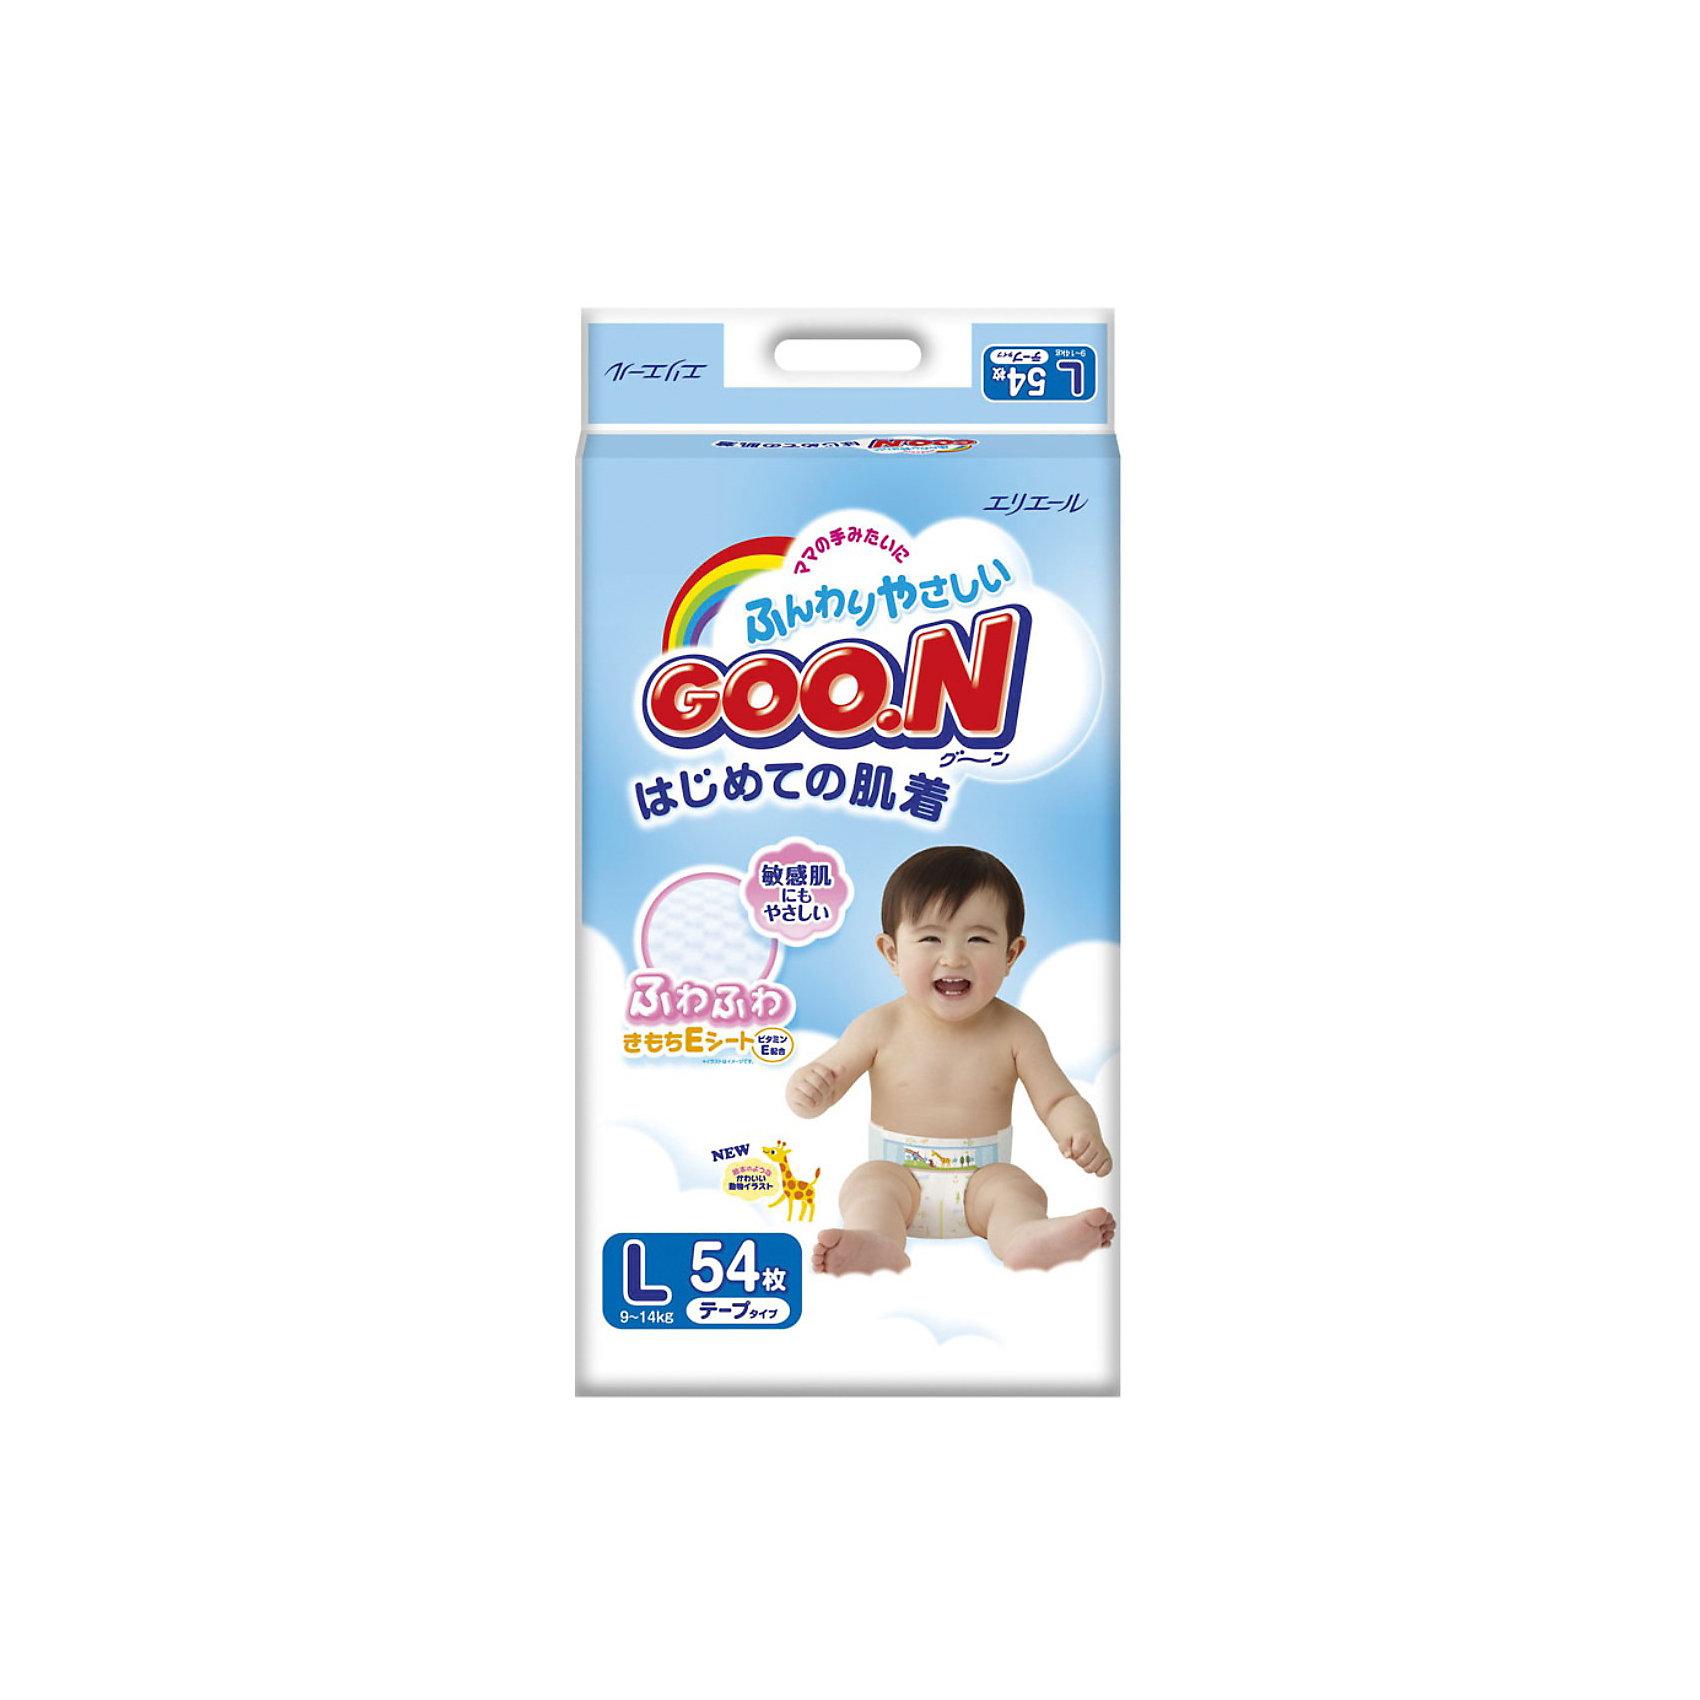 Подгузники Goon, L 9-14 кг, 54 шт.Японские подгузники Goon с витамином Е. Теперь кожа на попке вашего малыша будет еще мягче и здоровее.<br><br>По всей поверхности внутреннего слоя подгузника Goon имеются просечки, снижая тем самым площадь контакта поверхности подгузника с нежной кожей ребёнка.<br>На пояске есть специальные отметки с цифрами — позволяющие быстро закрепить фиксирующую ленту, даже когда малыш спит.<br>Внутри подгузника в области паха добавлена мягкая оборочка, которая предотвращает возможность подтекания.<br>В подгузнике предусмотрен знак наполнения, который своевременно подскажет о необходимости сменить подгузник.<br><br>Дополнительная информация:<br><br>Размер: L, 9-14 кг.<br>В упаковке: 54 шт.<br><br>Подгузники Goon, L 9-14 кг, 54 шт. можно купить в нашем интернет-магазине.<br><br>Ширина мм: 135<br>Глубина мм: 260<br>Высота мм: 430<br>Вес г: 1930<br>Возраст от месяцев: 6<br>Возраст до месяцев: 24<br>Пол: Унисекс<br>Возраст: Детский<br>SKU: 3361341